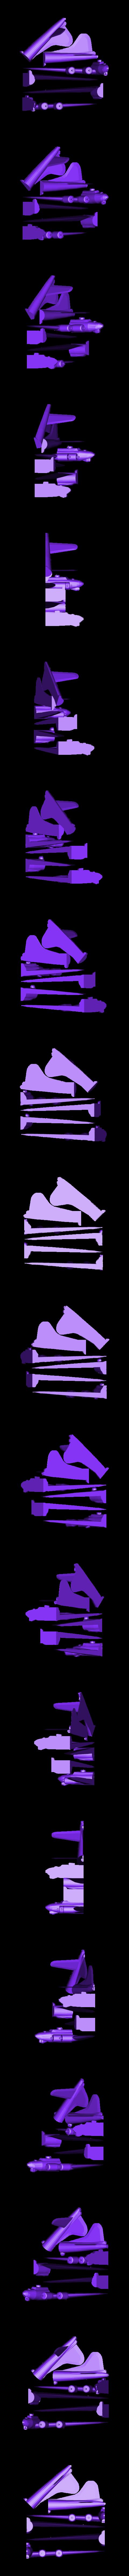 B17_Plate.stl Télécharger fichier STL gratuit B-17 Forteresse volante • Modèle imprimable en 3D, GeneralElectric